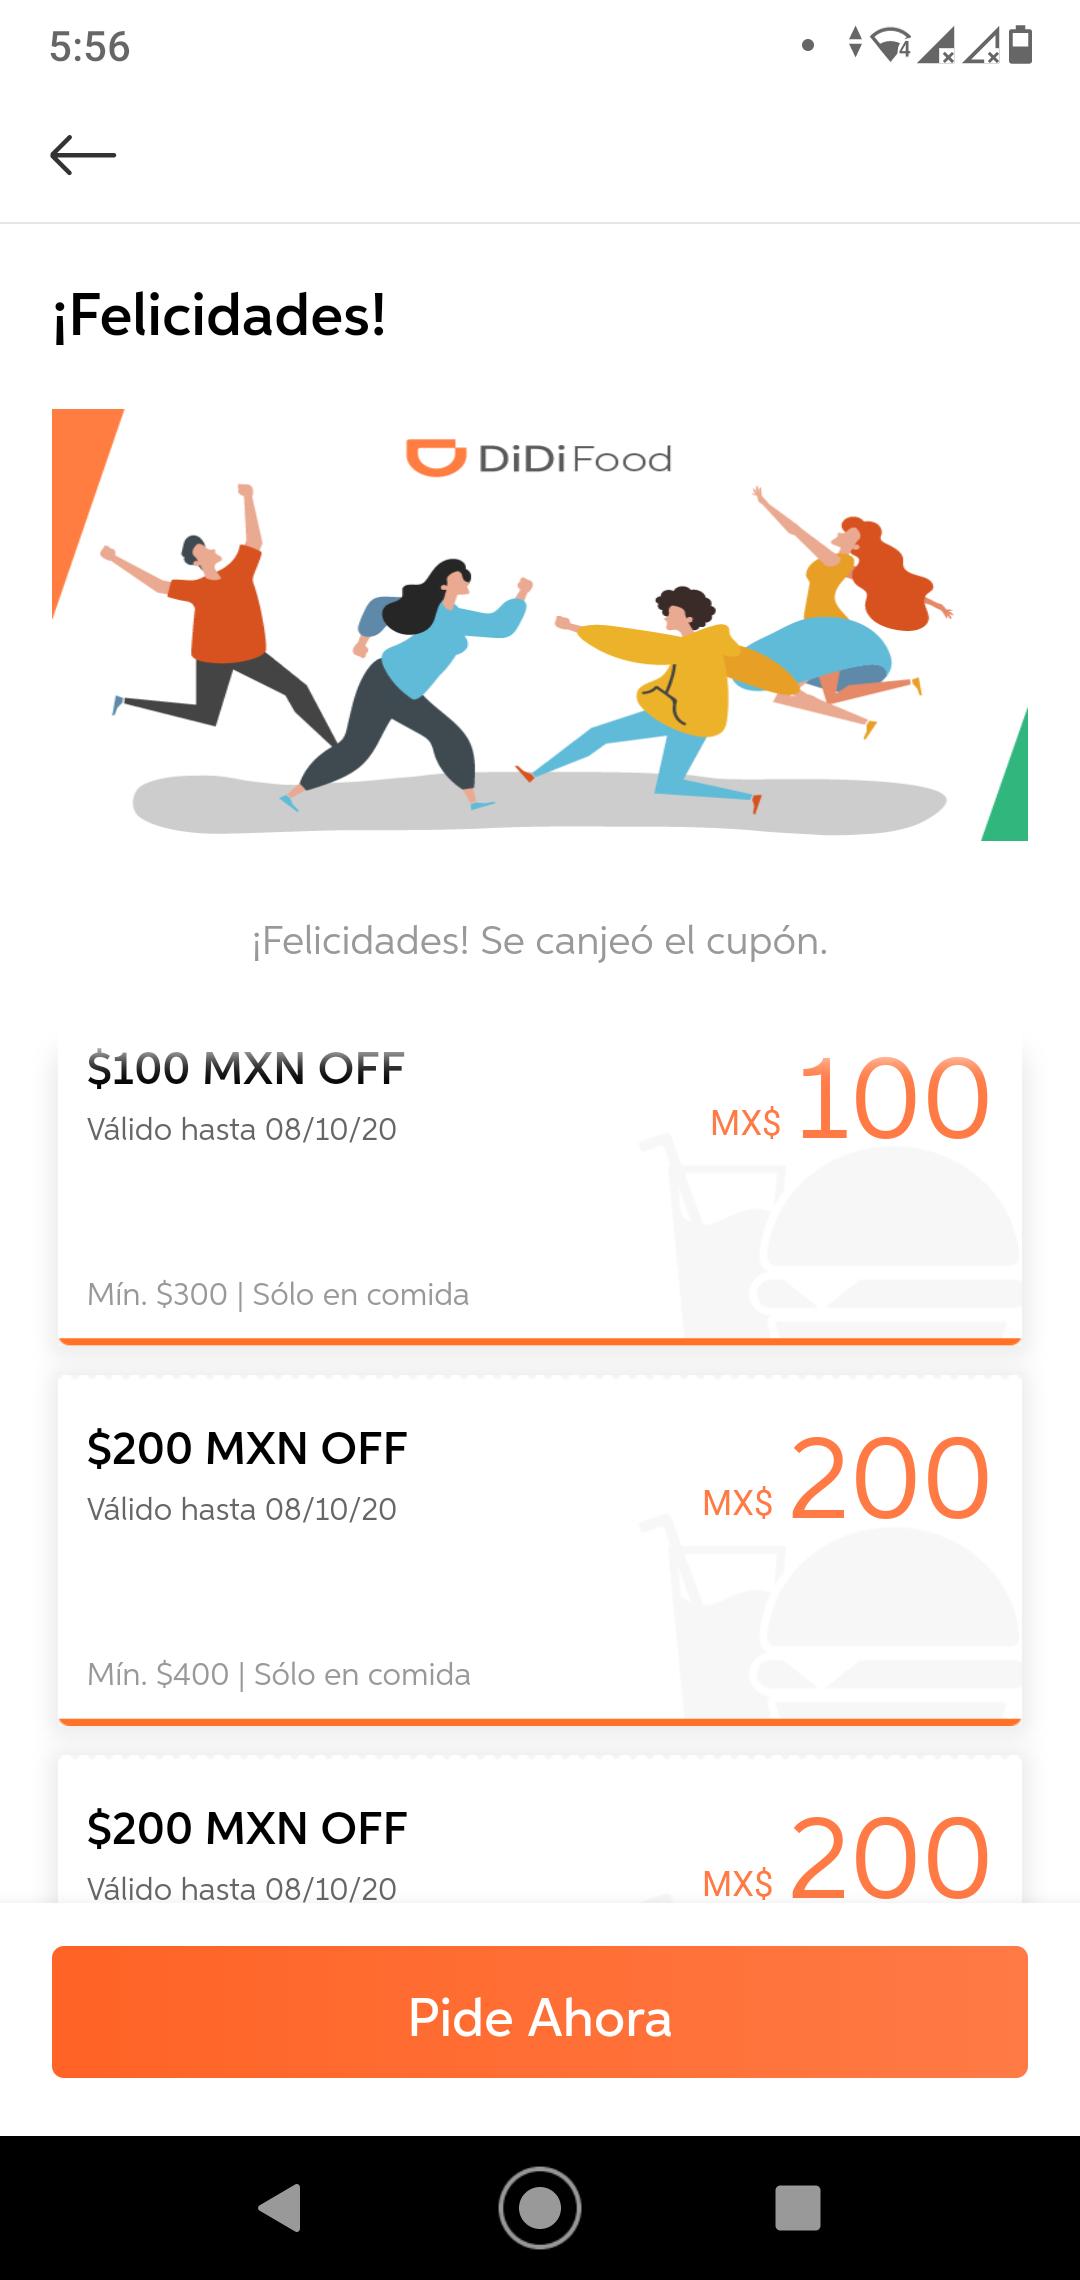 Didifood: cupón para 2 descuentos de $200 en Compras mayores a $400